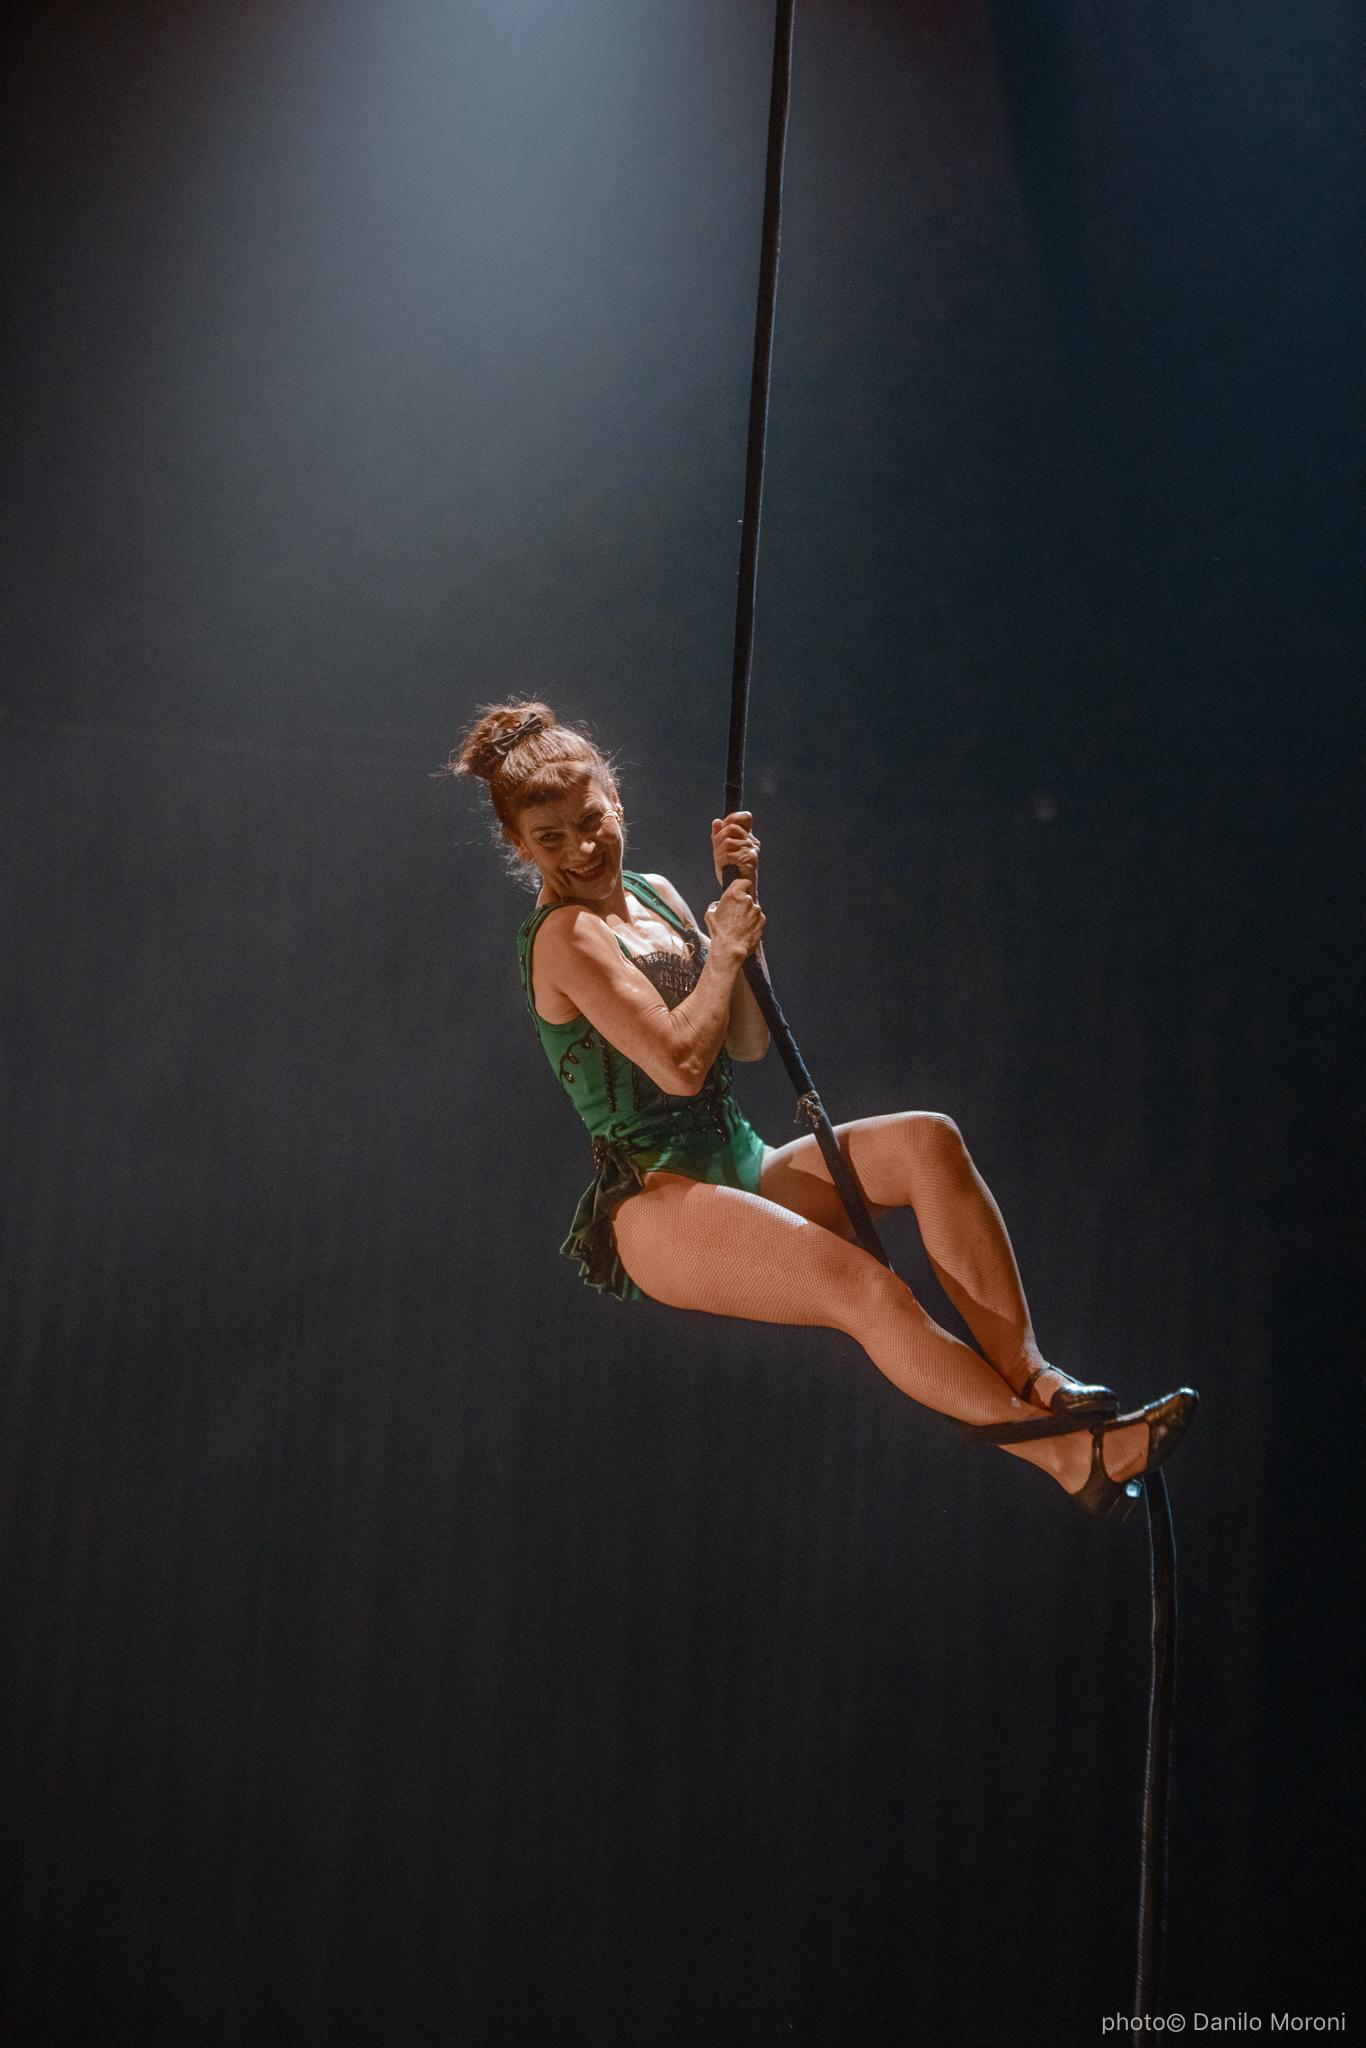 Teatro-en-vilo-Circo-Price-Miss-Mara-photo-Danilo-Moroni-098.jpg